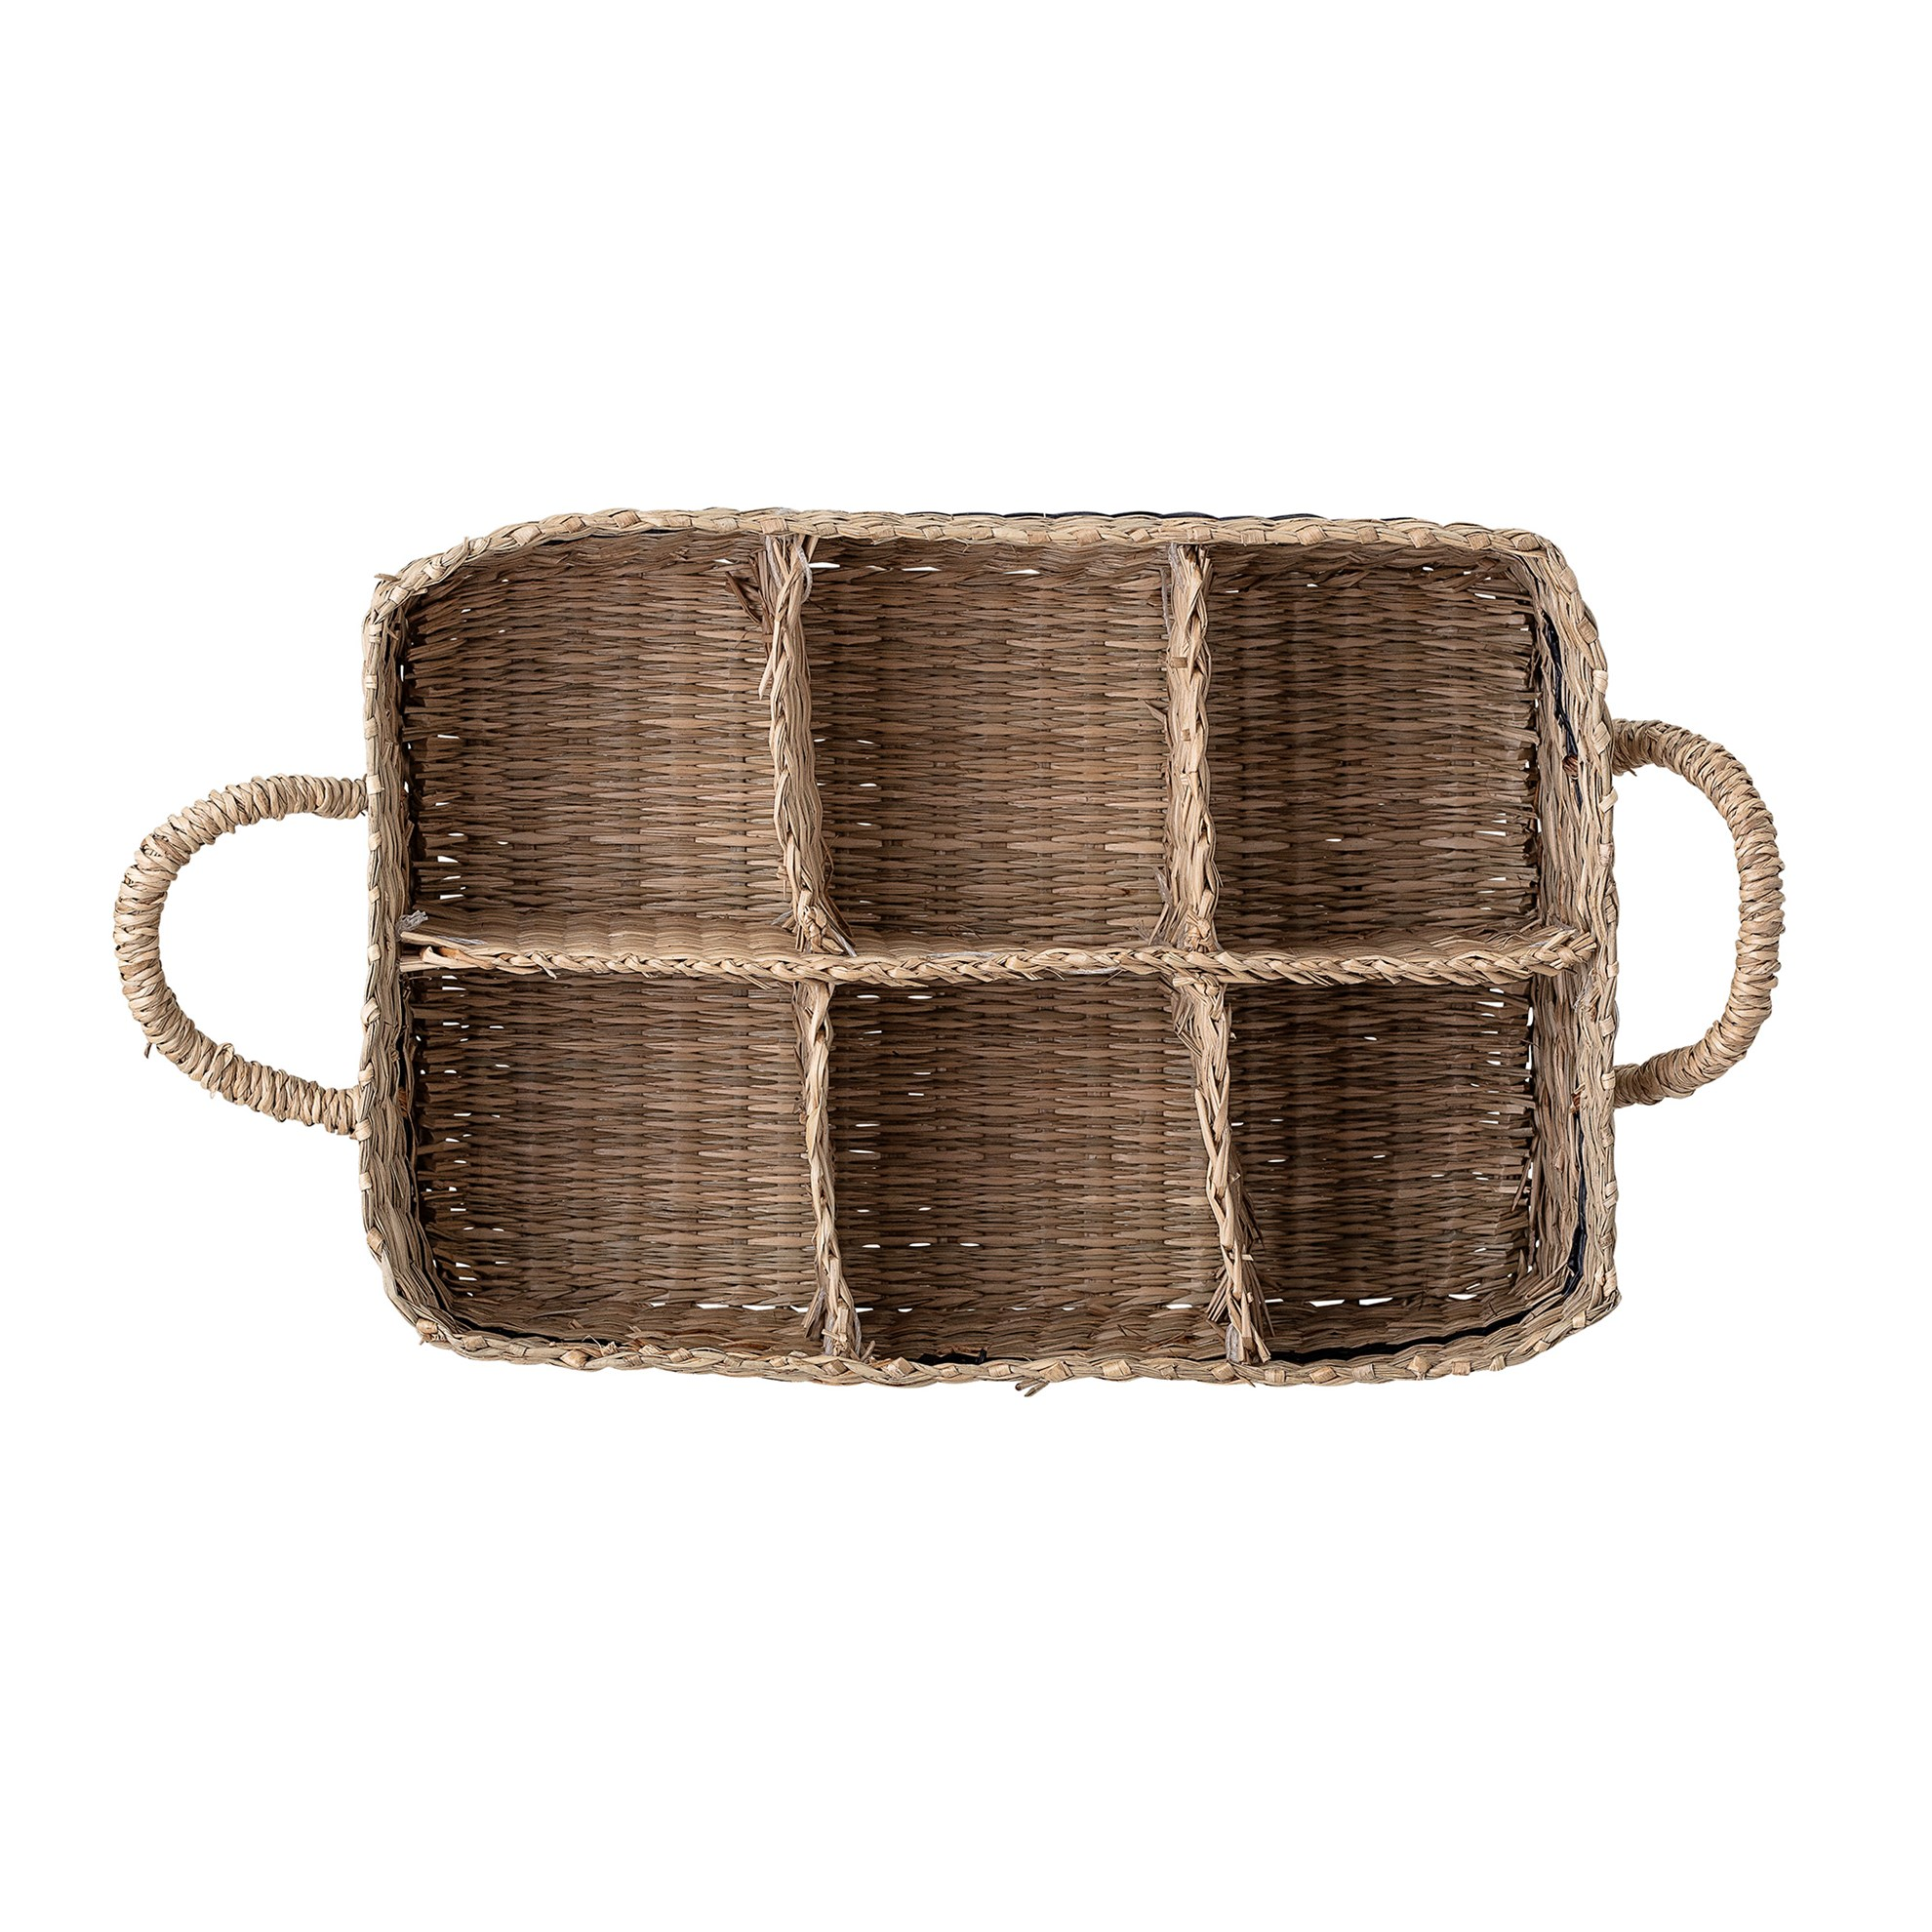 Košík s uchy s vnitřním členěním z mořské trávy 25x17 cm_1